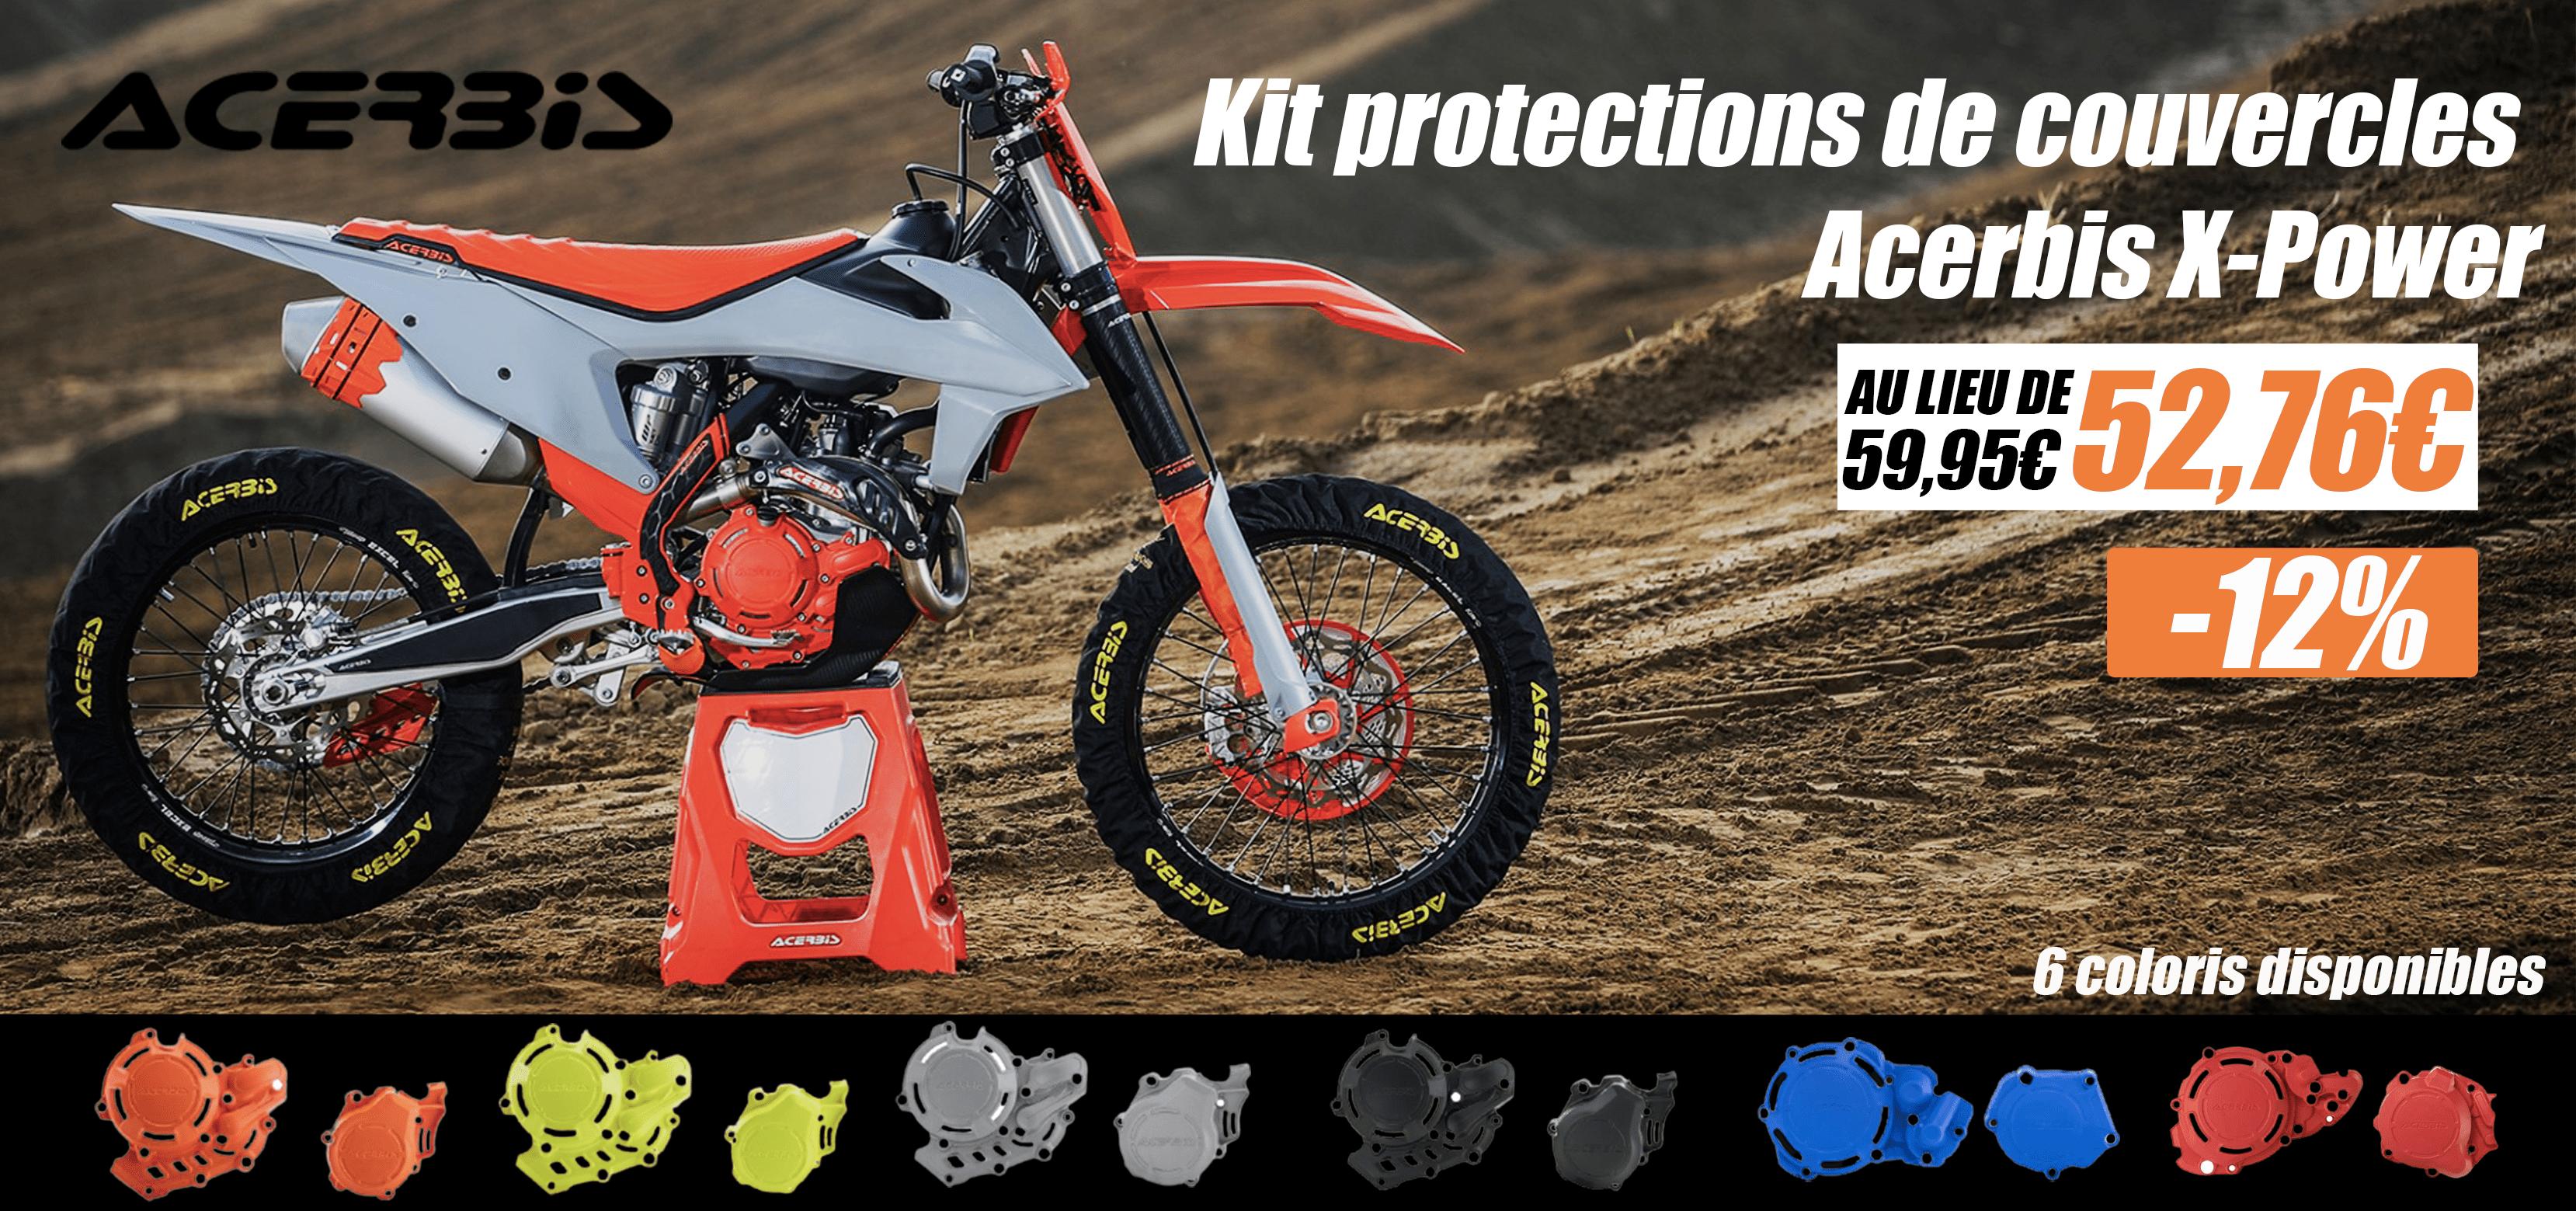 Kit protections de couvercles Acerbis X-Power